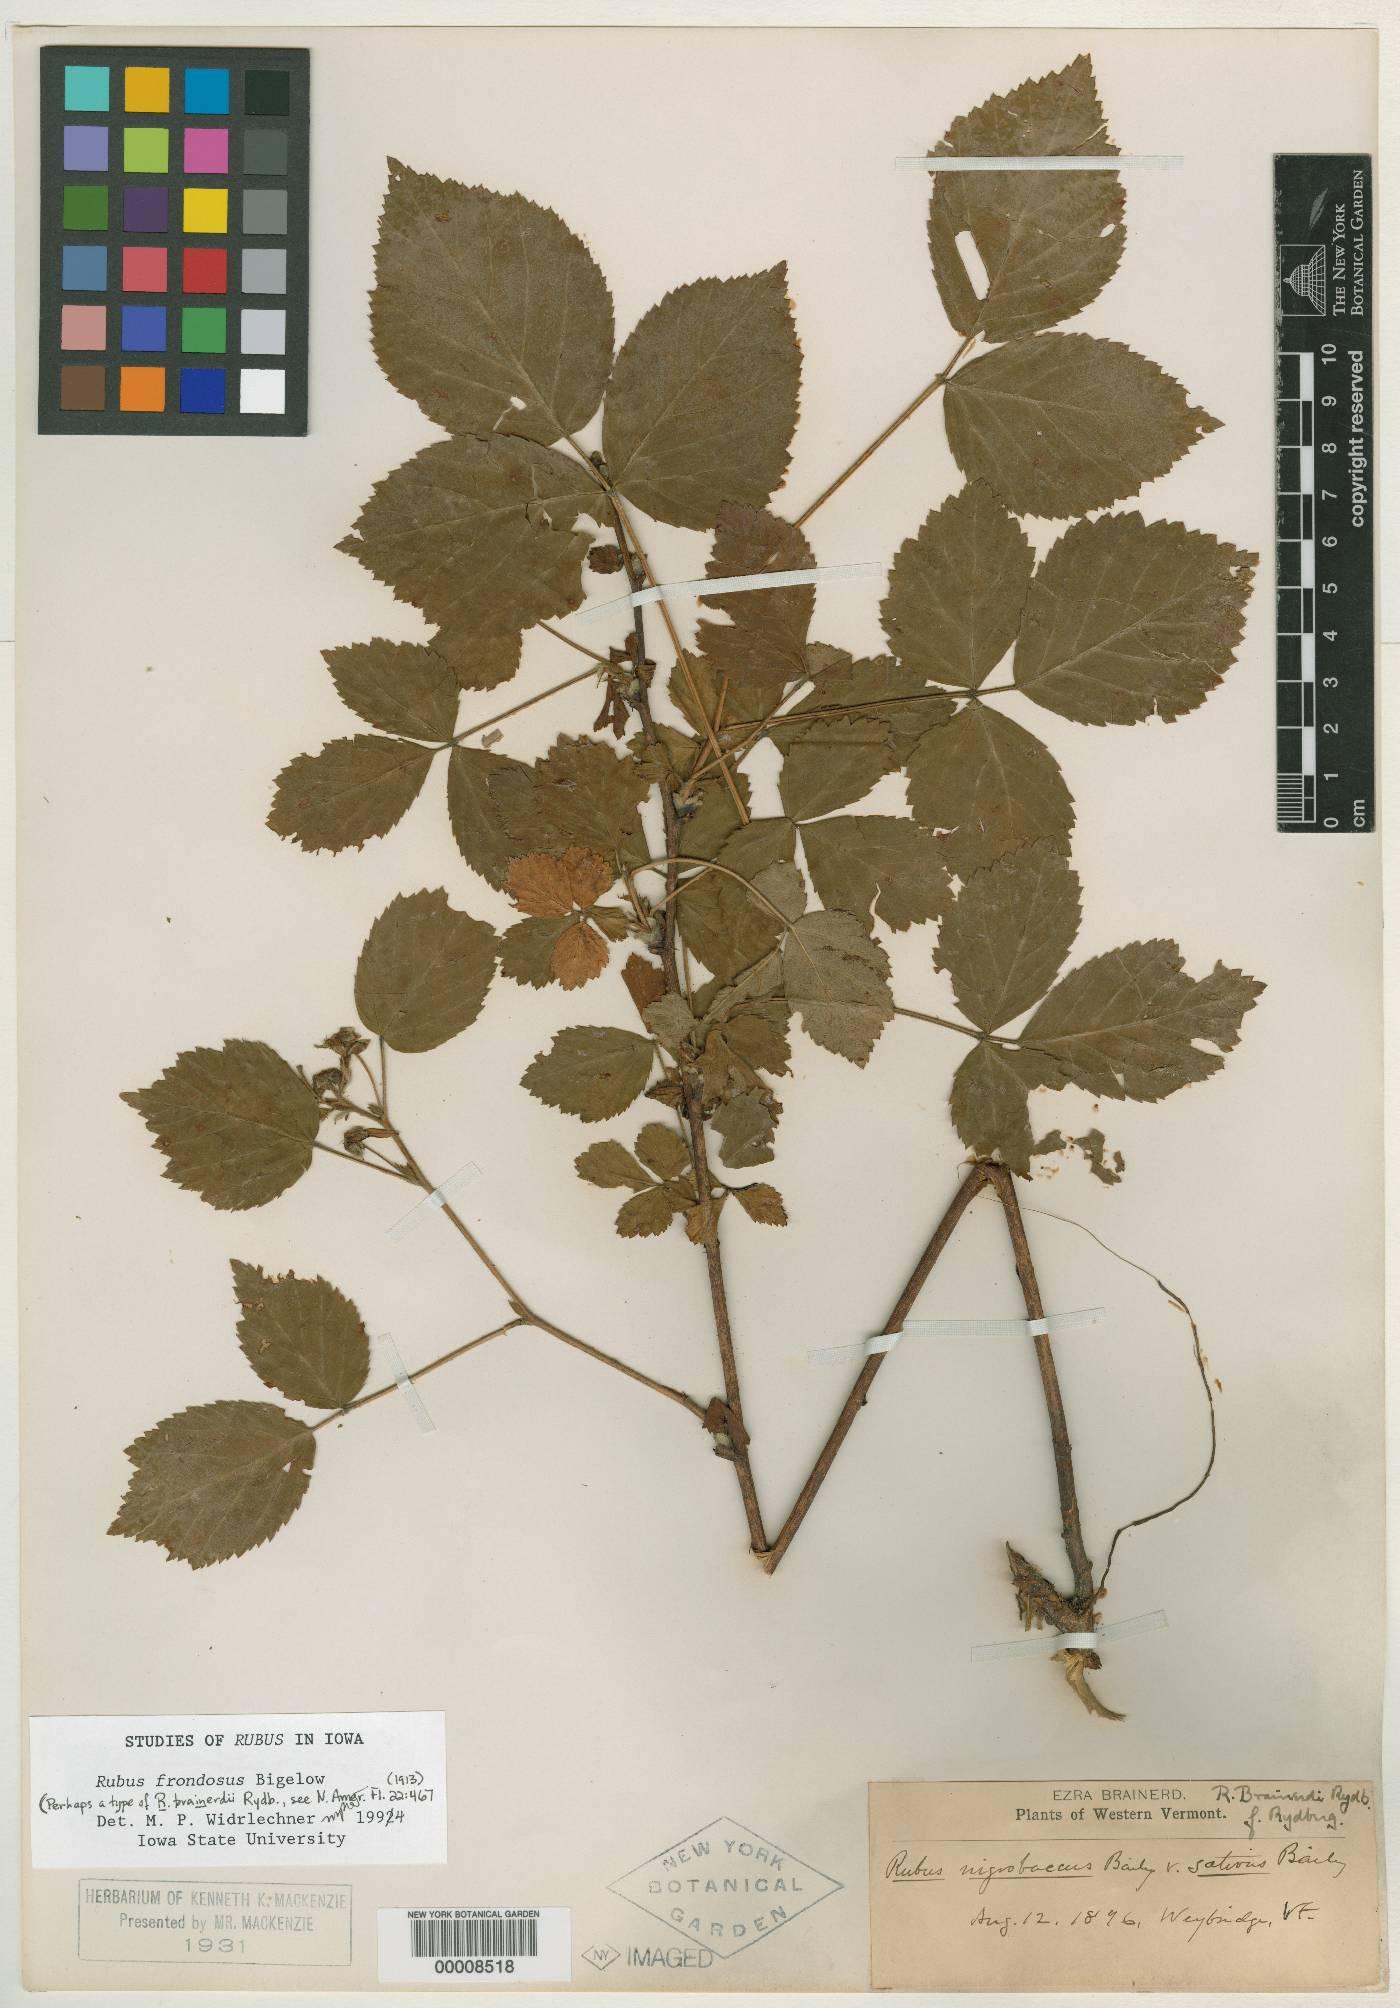 Rubus brainerdii image